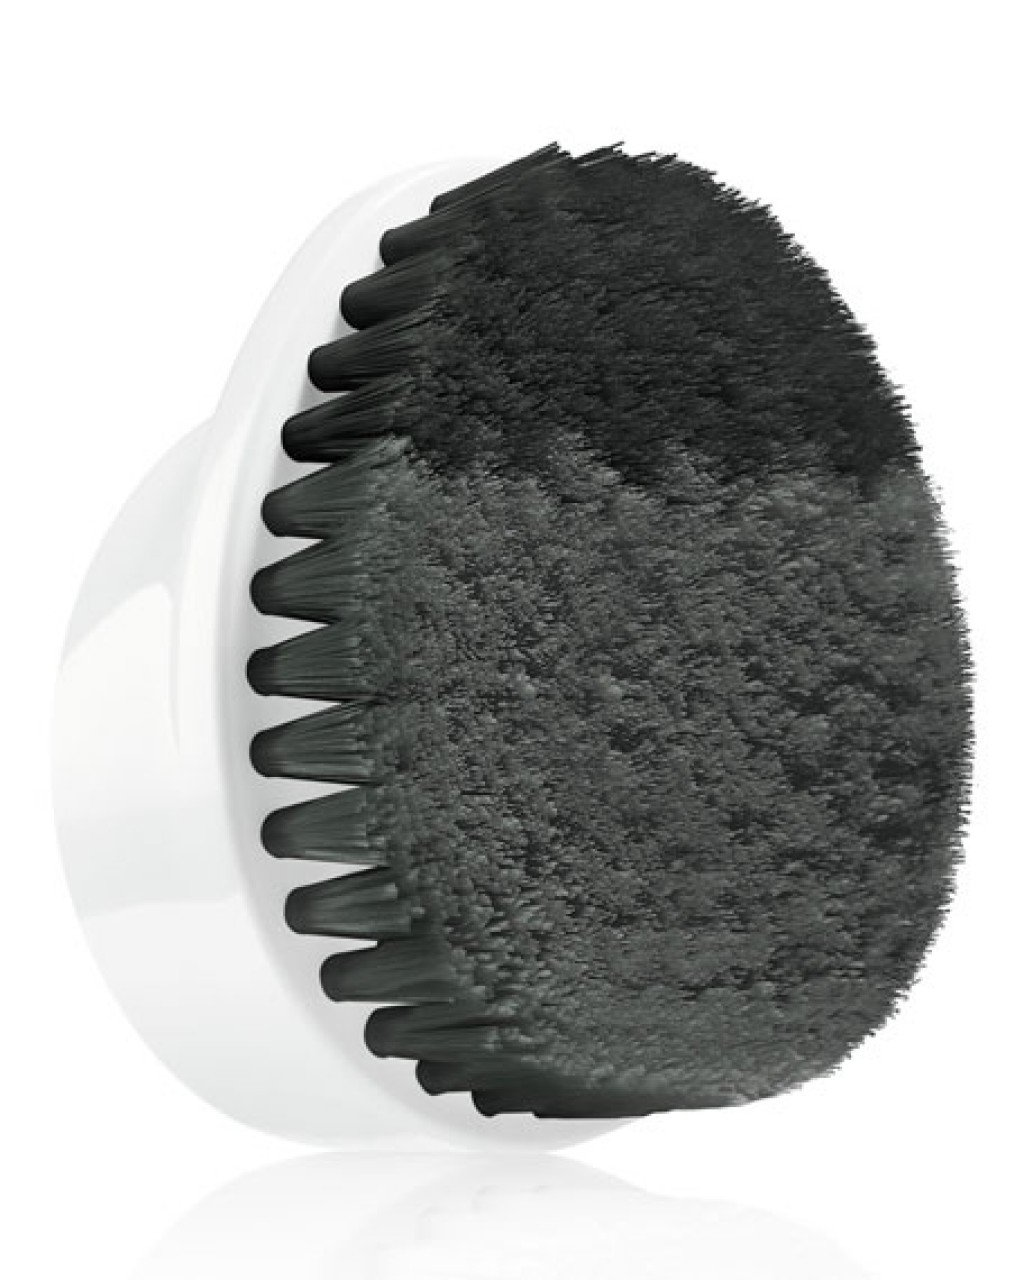 クリニーク Sonic System System City Block Purifying Cleansing Cleansing Brush Purifying 1pc並行輸入品 B01IEIJBOK, ファンタジー工芸:b0175a30 --- forums.joybit.com